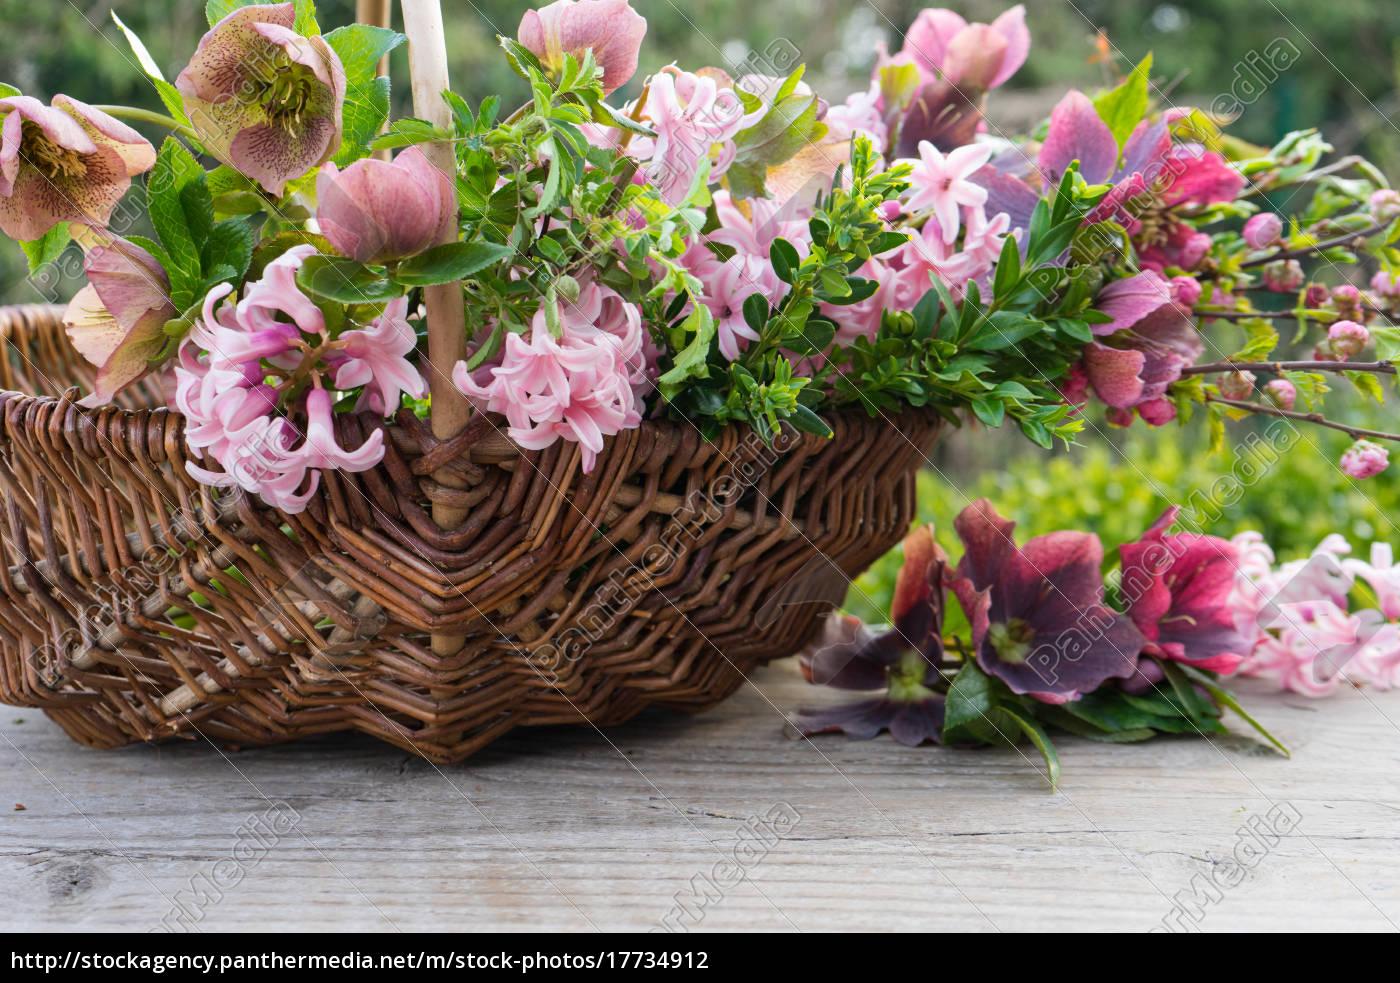 flower, basket - 17734912